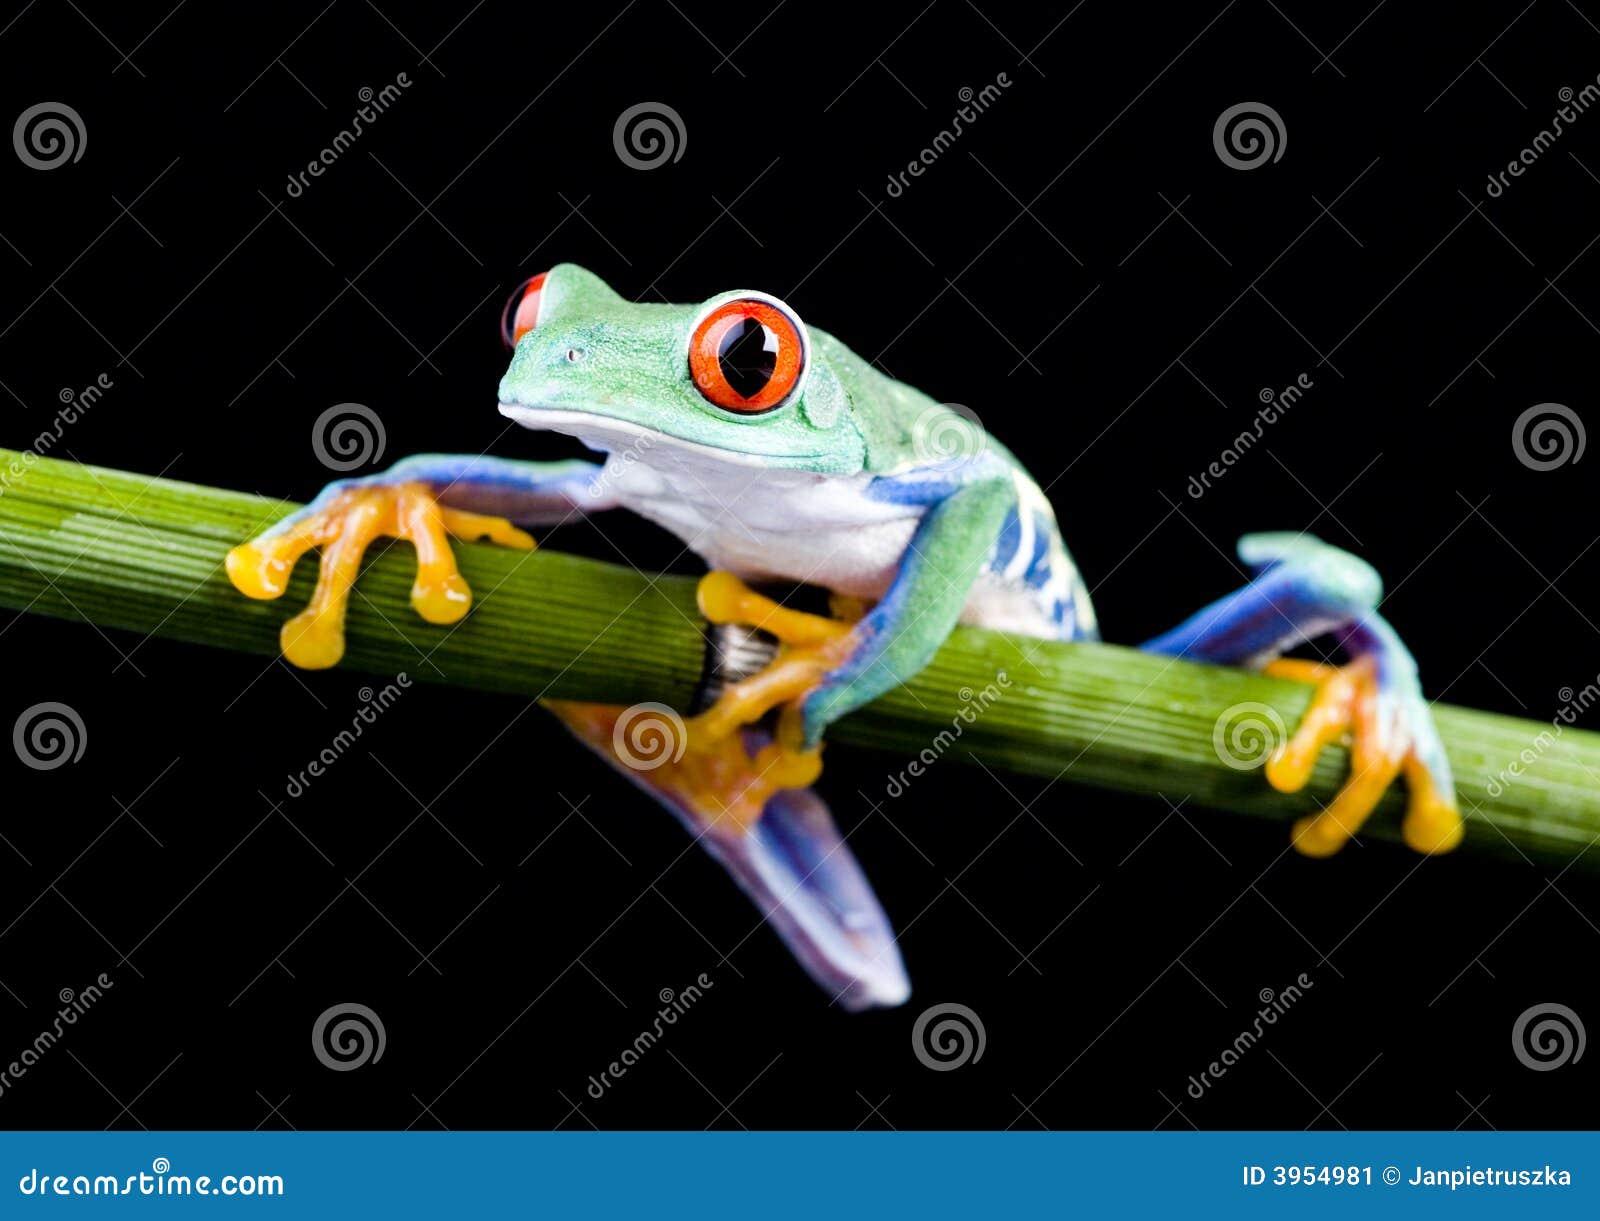 Roter Frosch stockbild. Bild von farben, rüber, blatt - 3954981